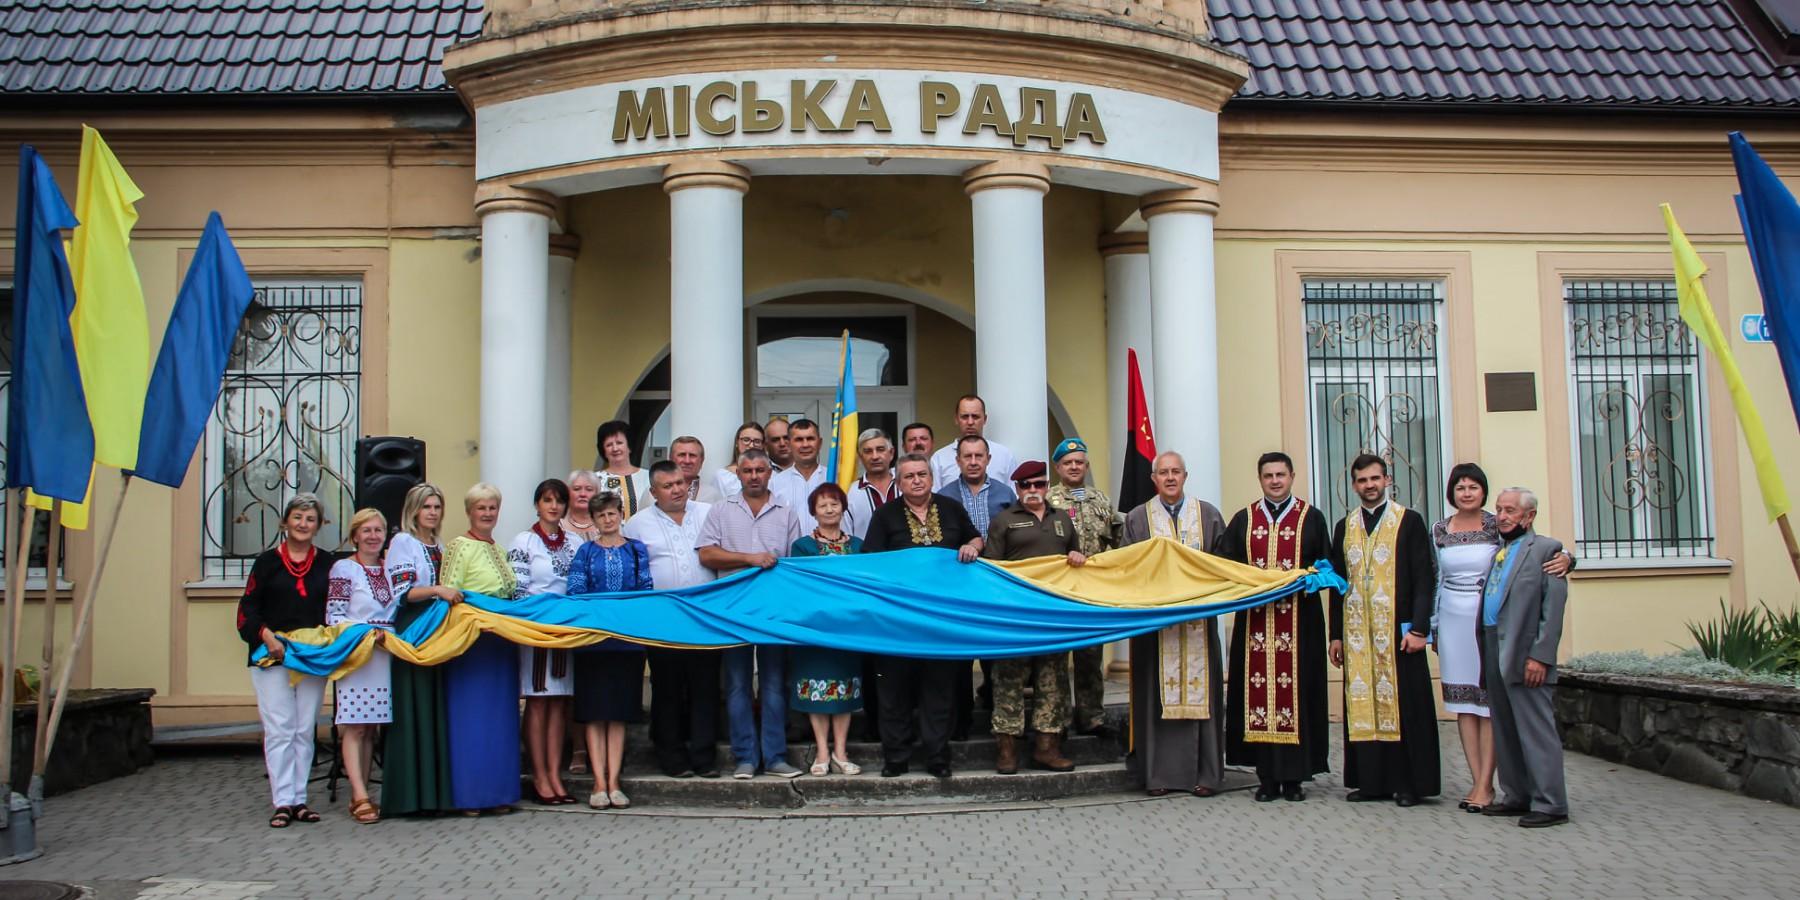 Ходорівська міська рада разом із учасн6иками АТО, духовенством і громадським активом святкує День Незалежності України